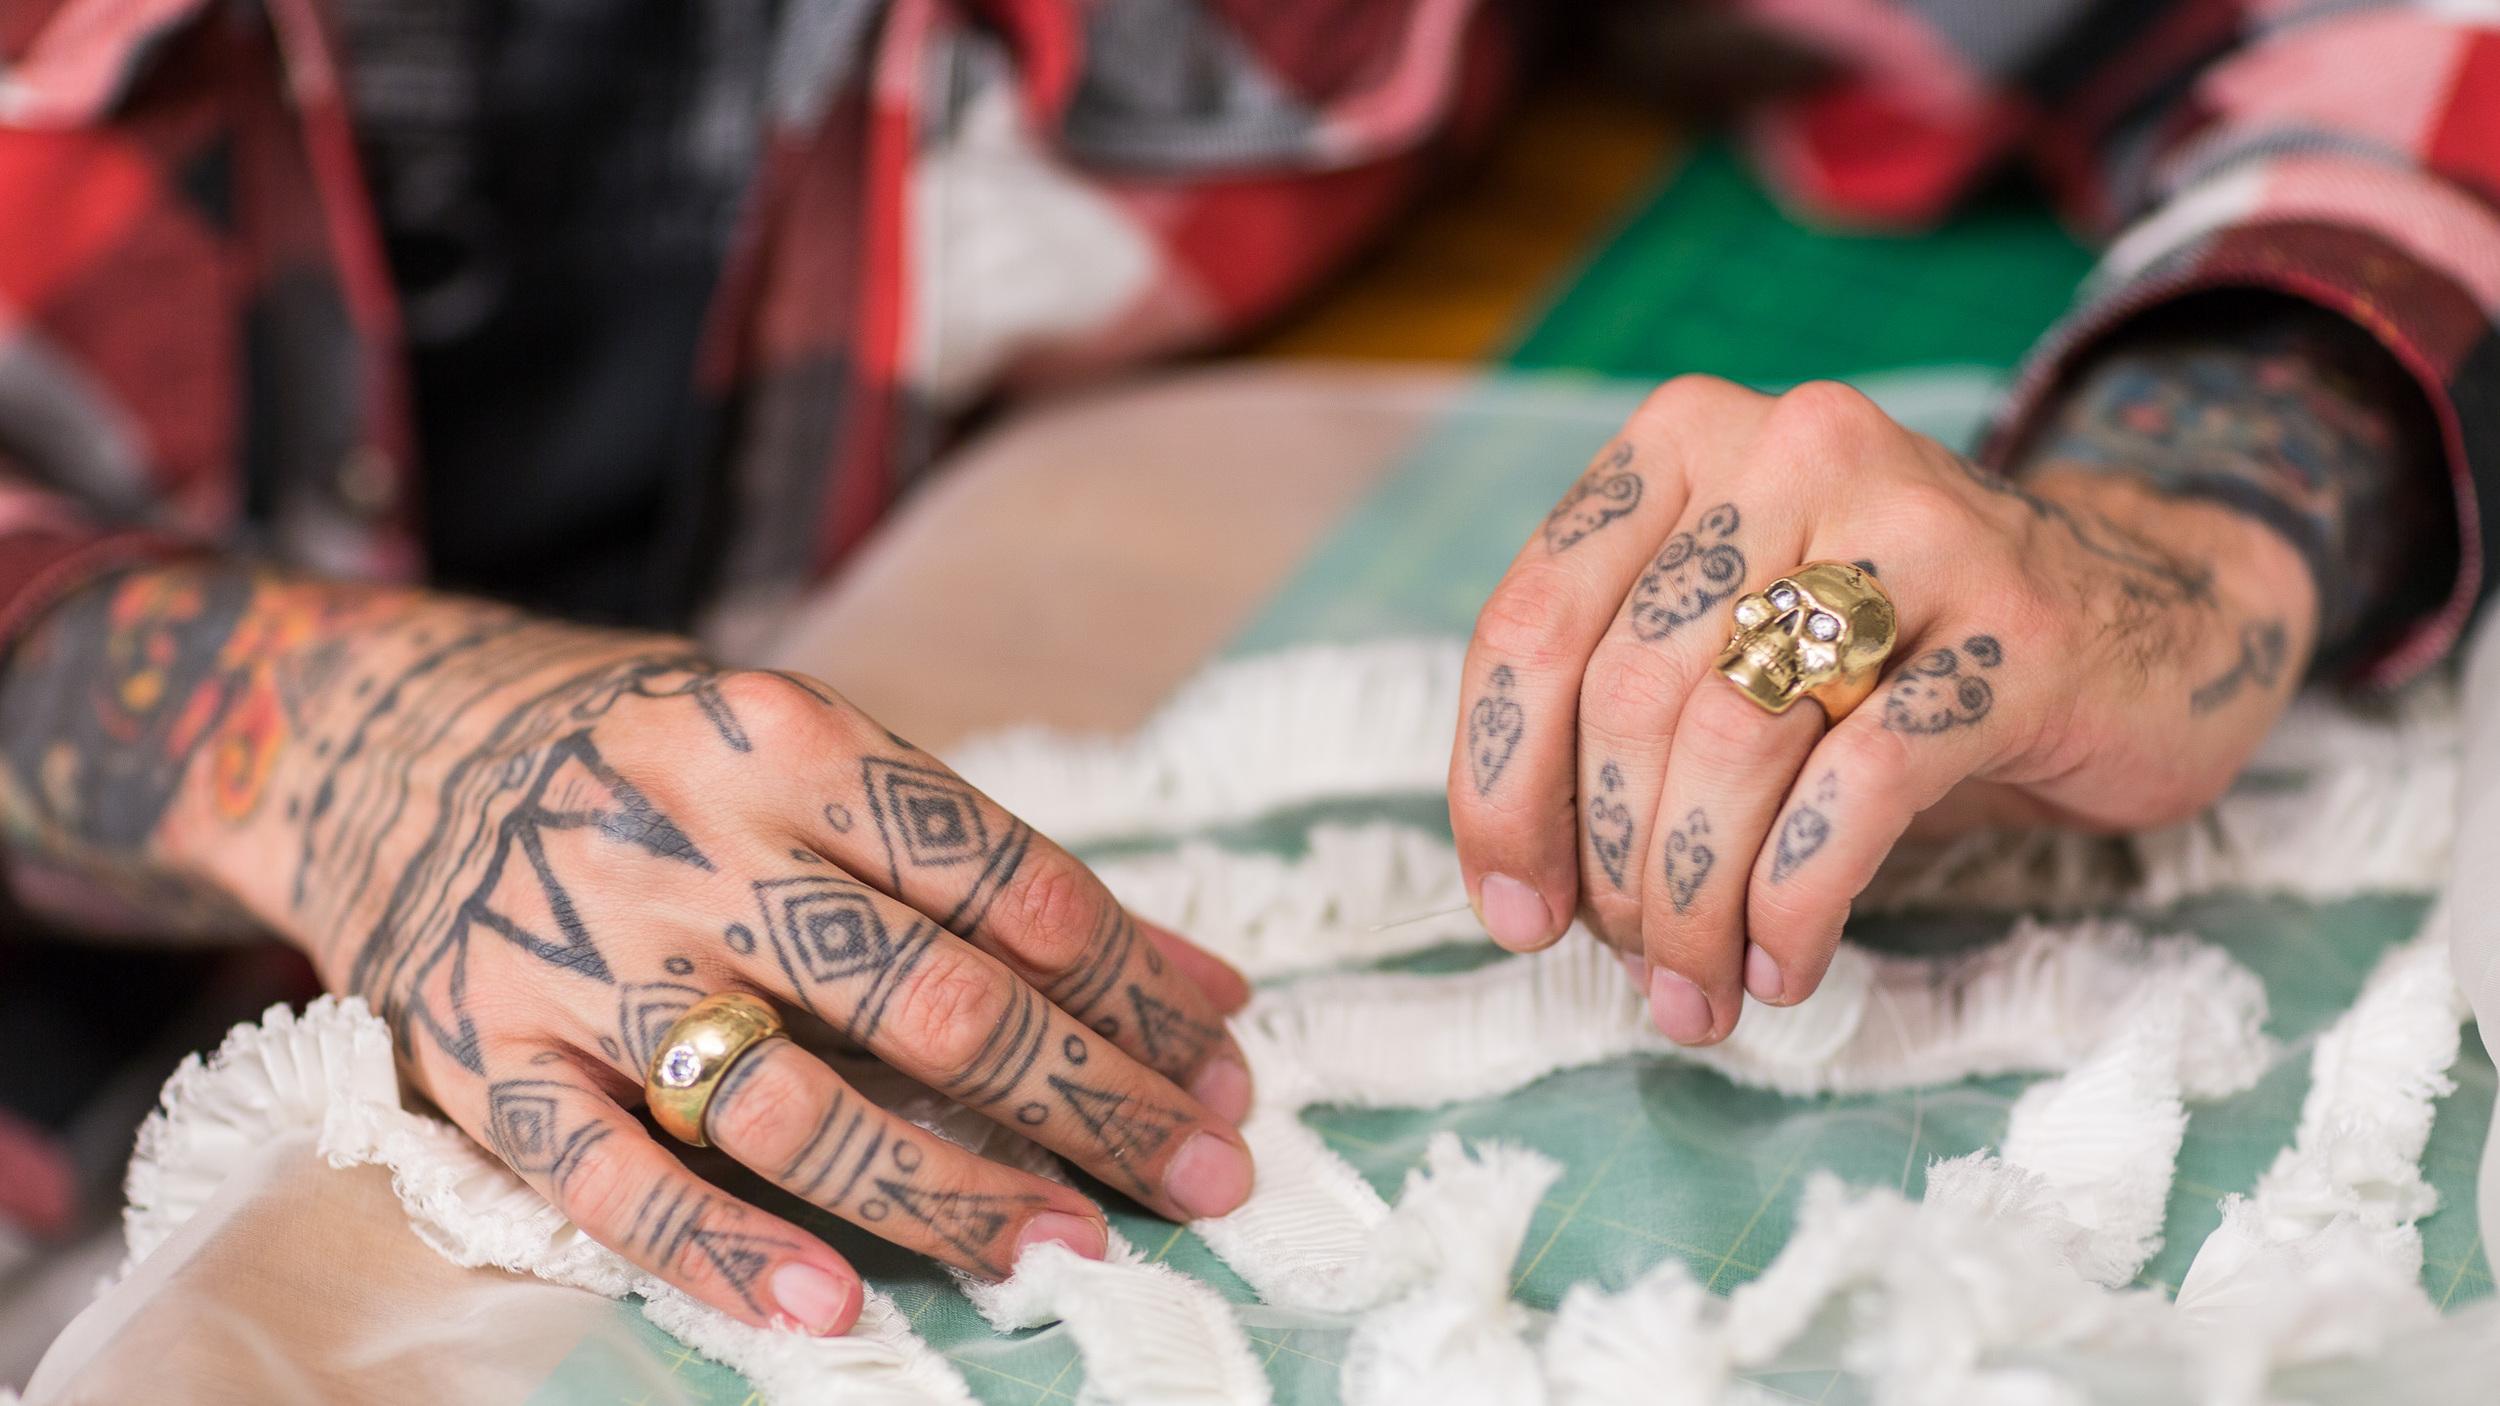 Artist Mark Mitchell's hands at work, client: City Arts Magazine